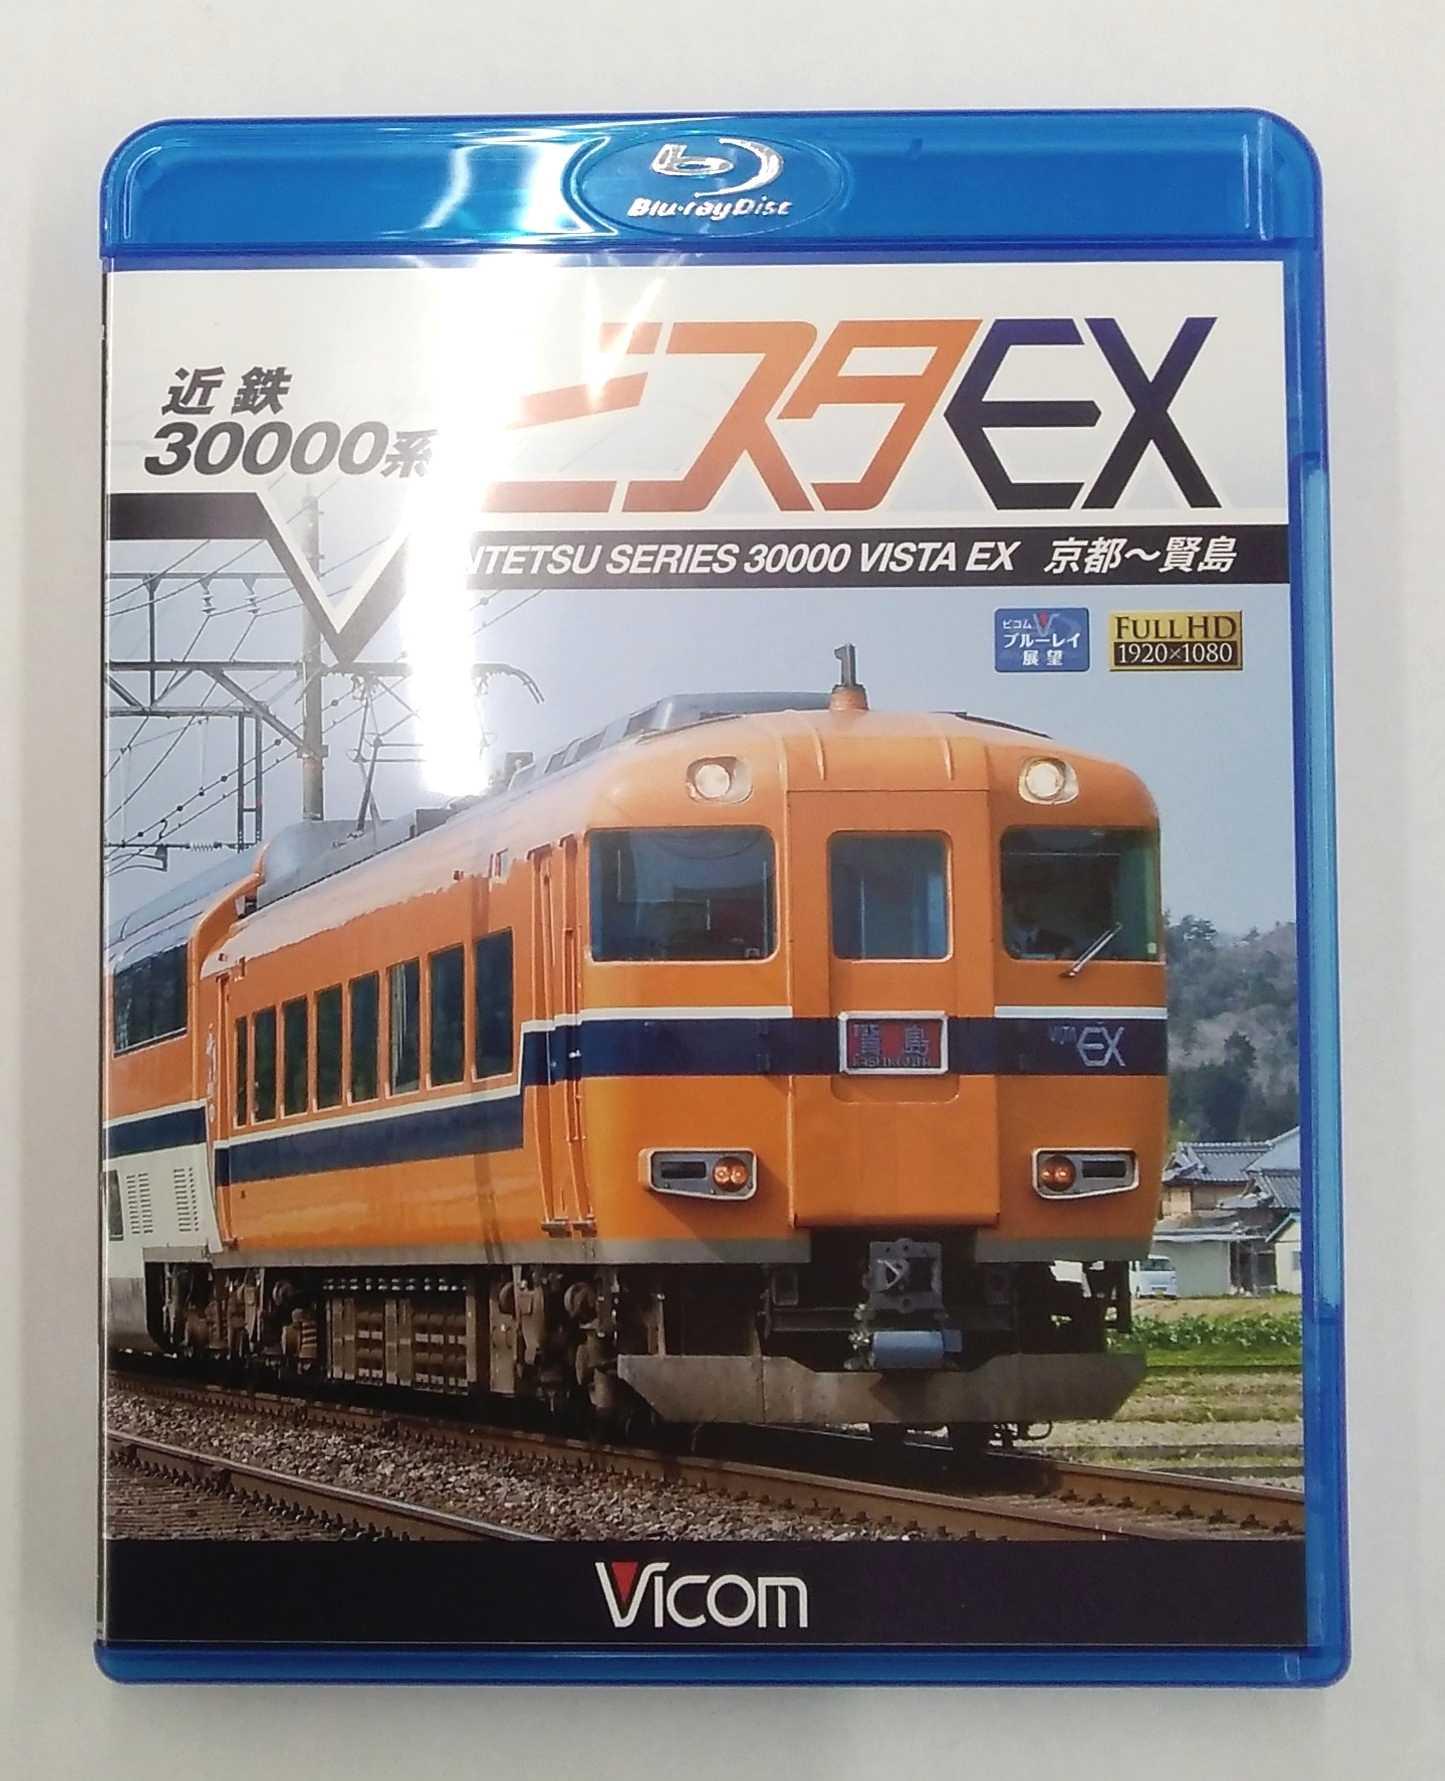 近鉄30000系 ビスタEX(京都~賢島)|VICOM